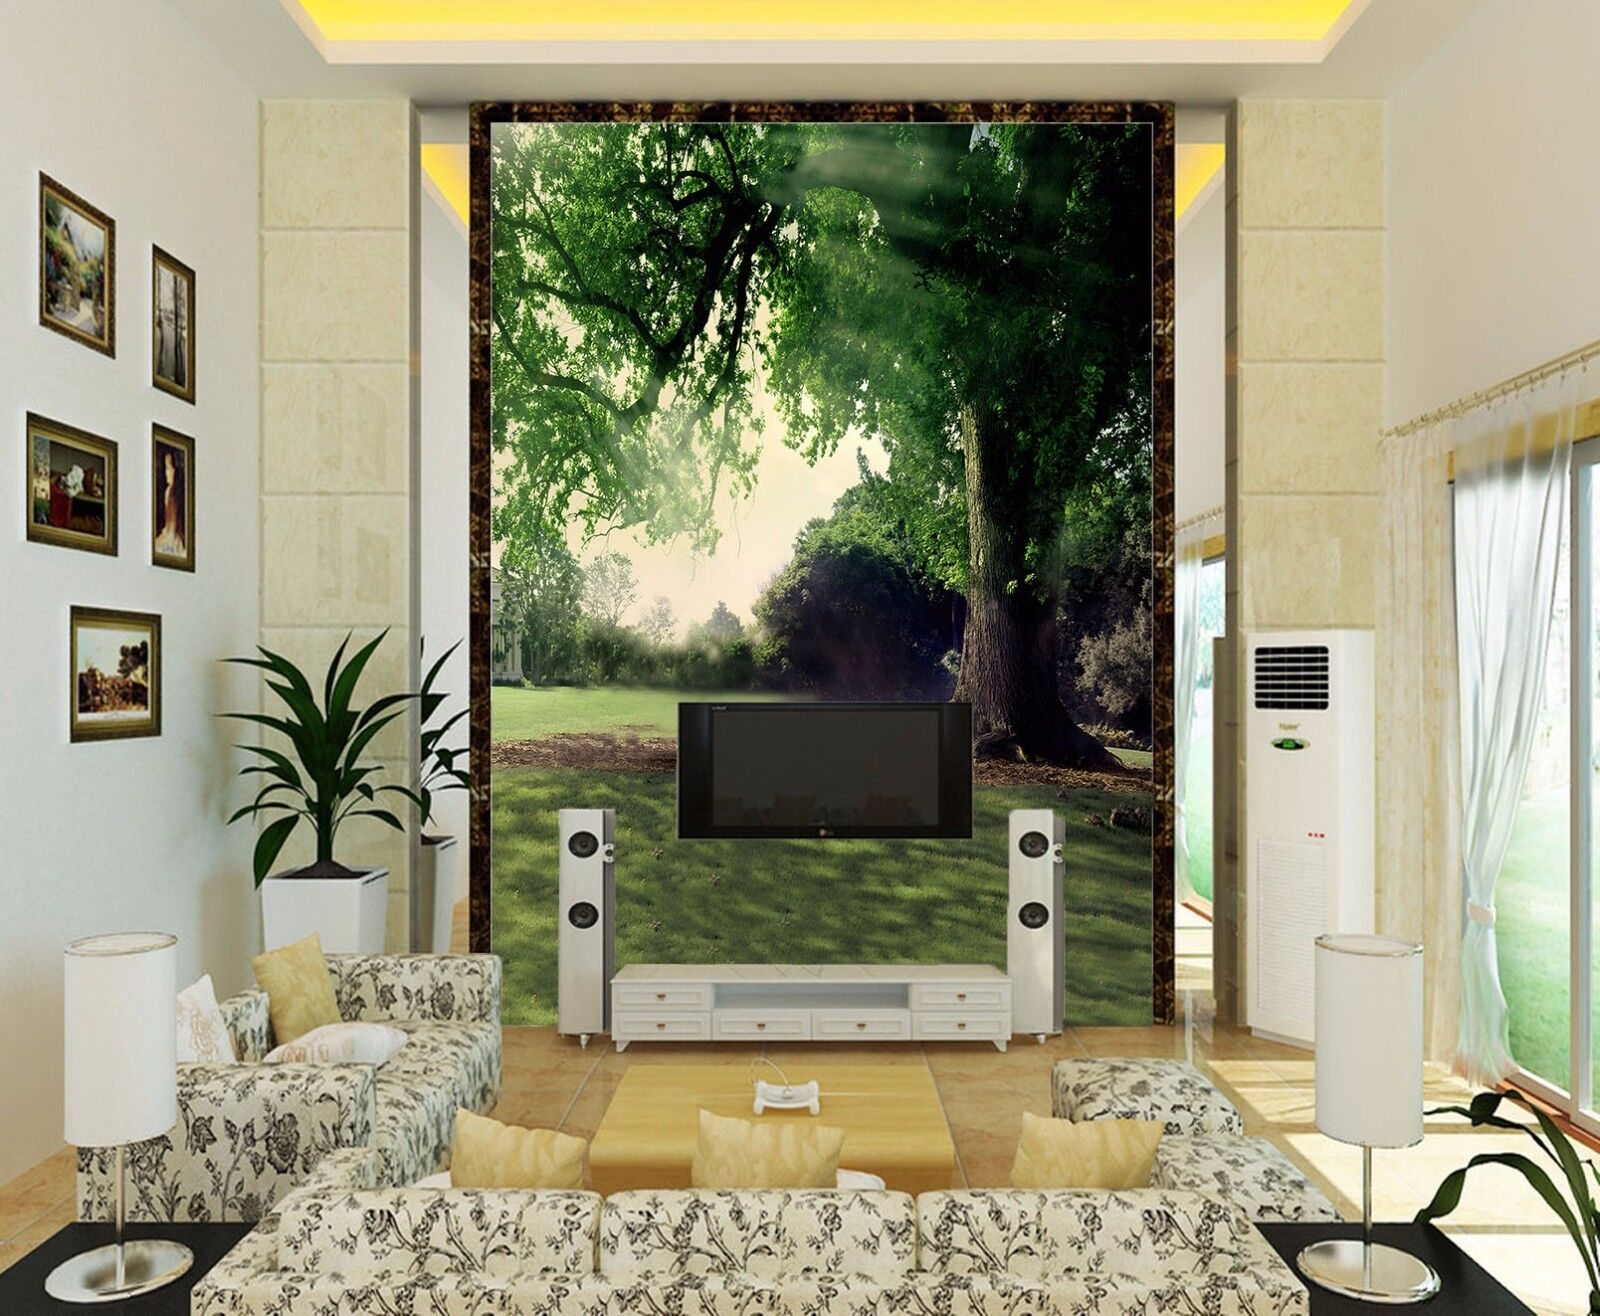 3D Baum Sonnenschein 9 Tapete Wandgemälde Tapete Tapeten Tapeten Tapeten Bild Familie DE Summer | Elegant Und Würdevoll  | Großartig  |  4eb923